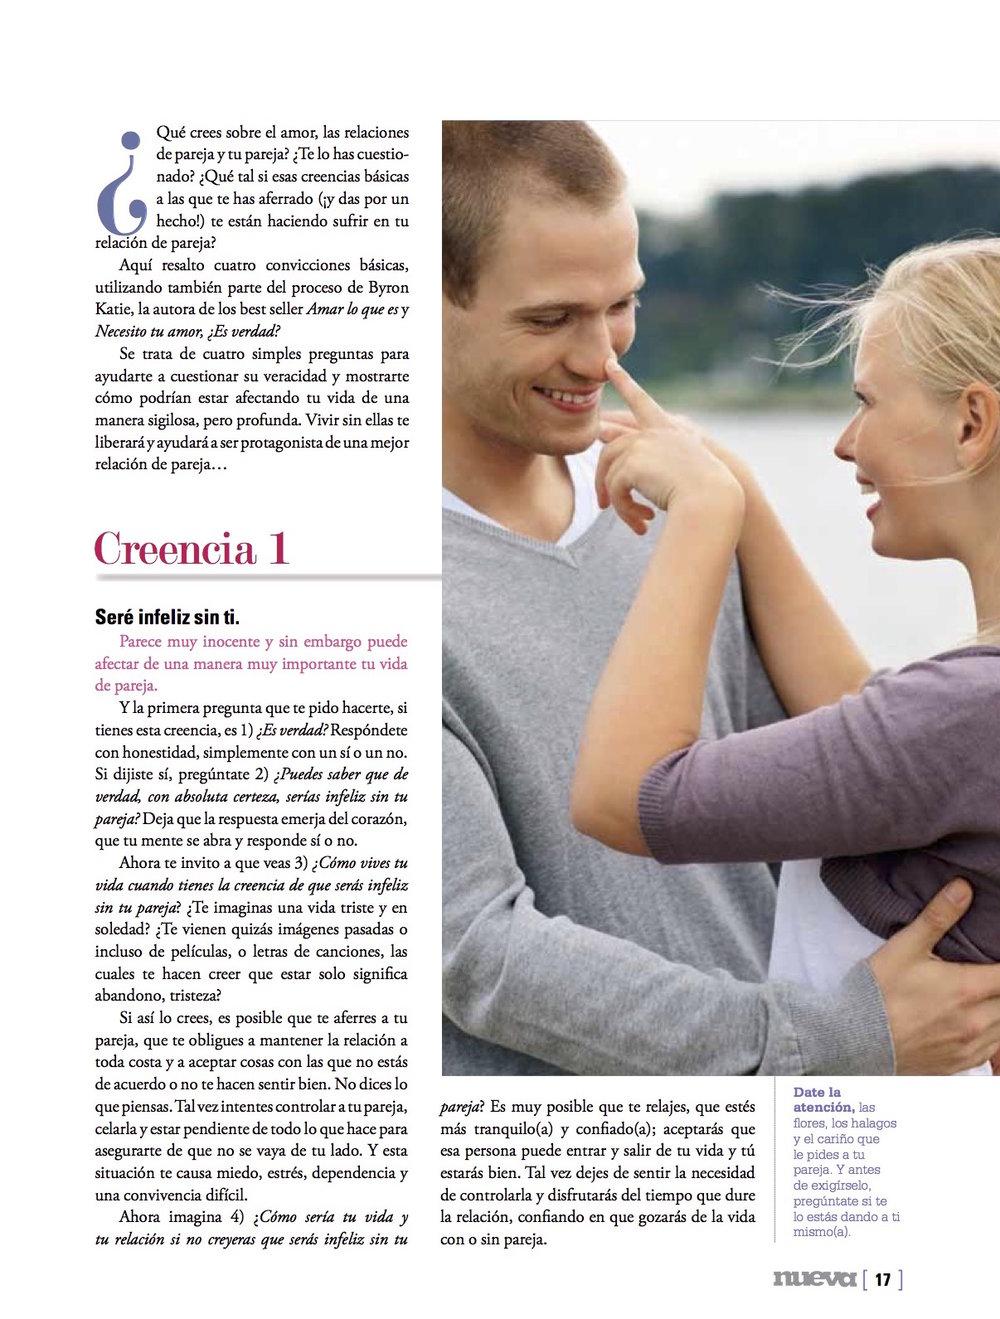 Revista Nueva 10 sep 11 - 2.jpg